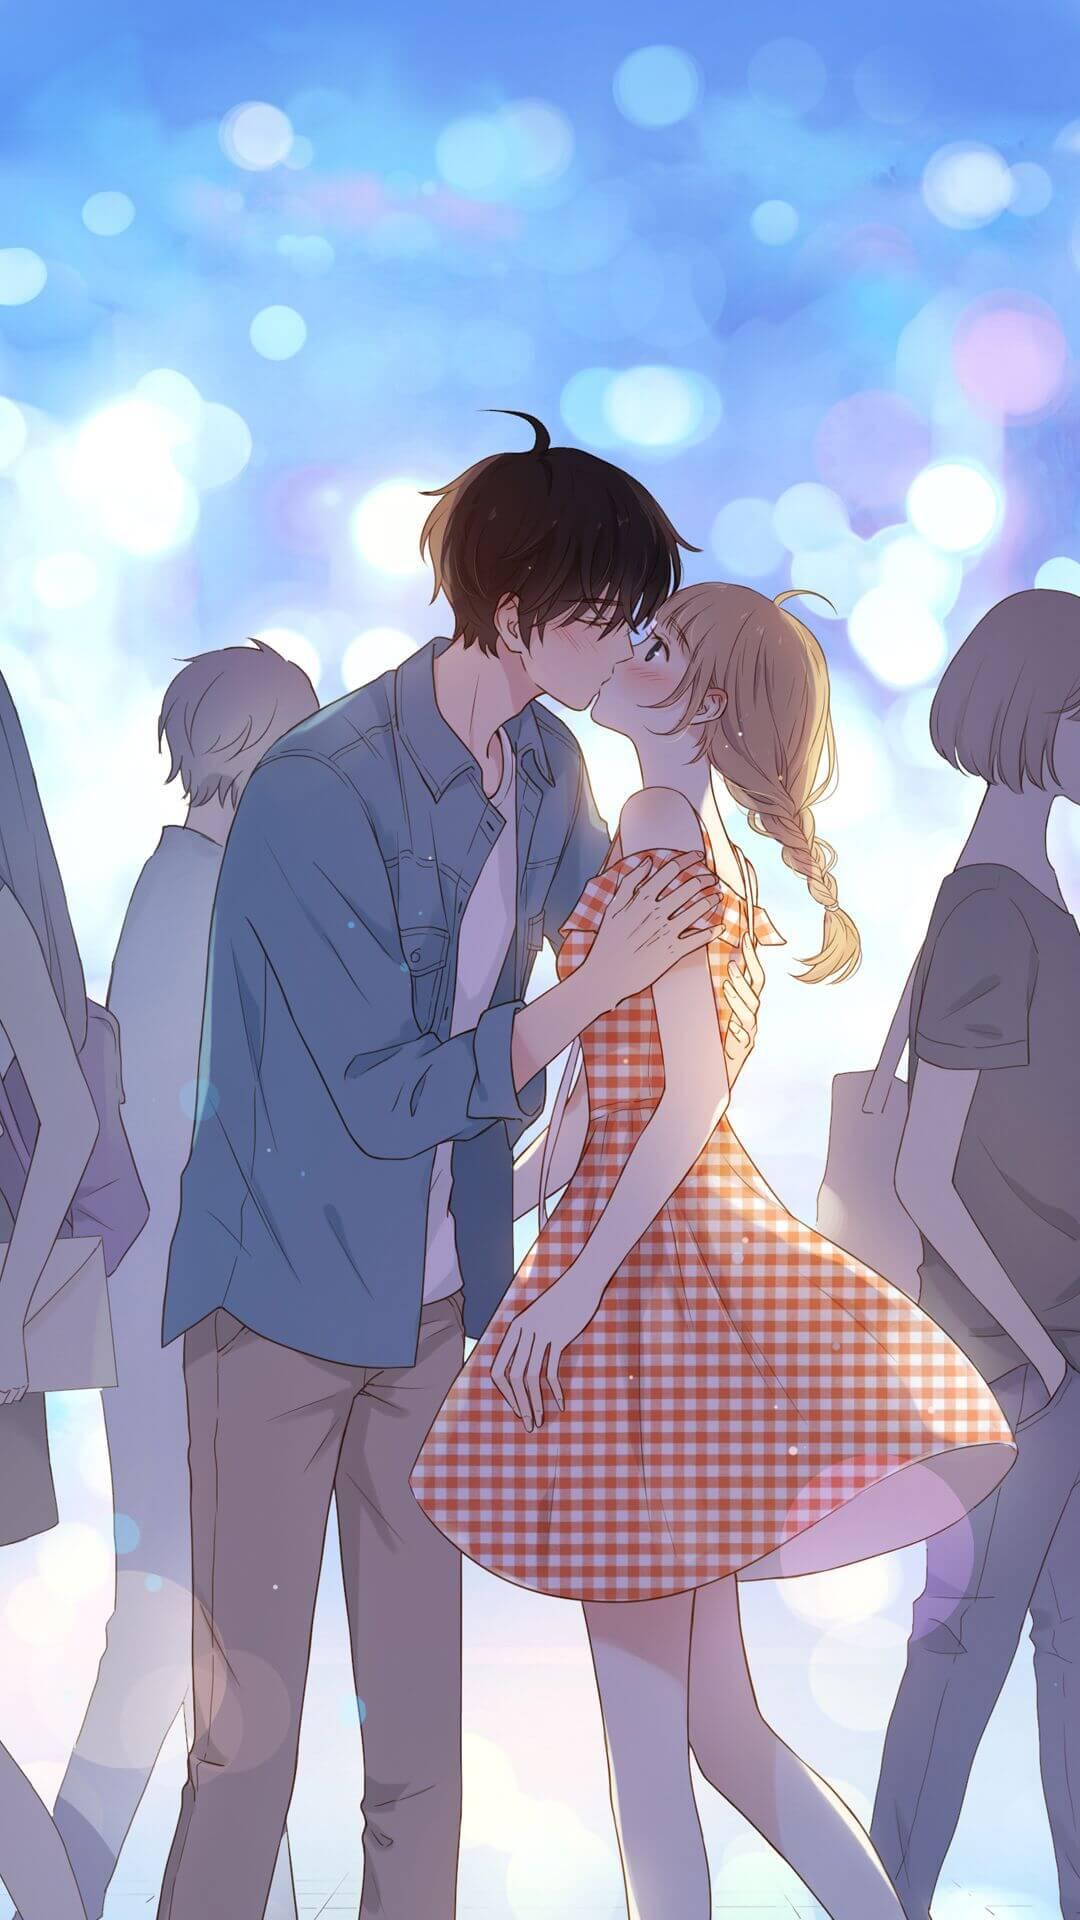 Ảnh anime cặp đôi hôn nhau đẹp